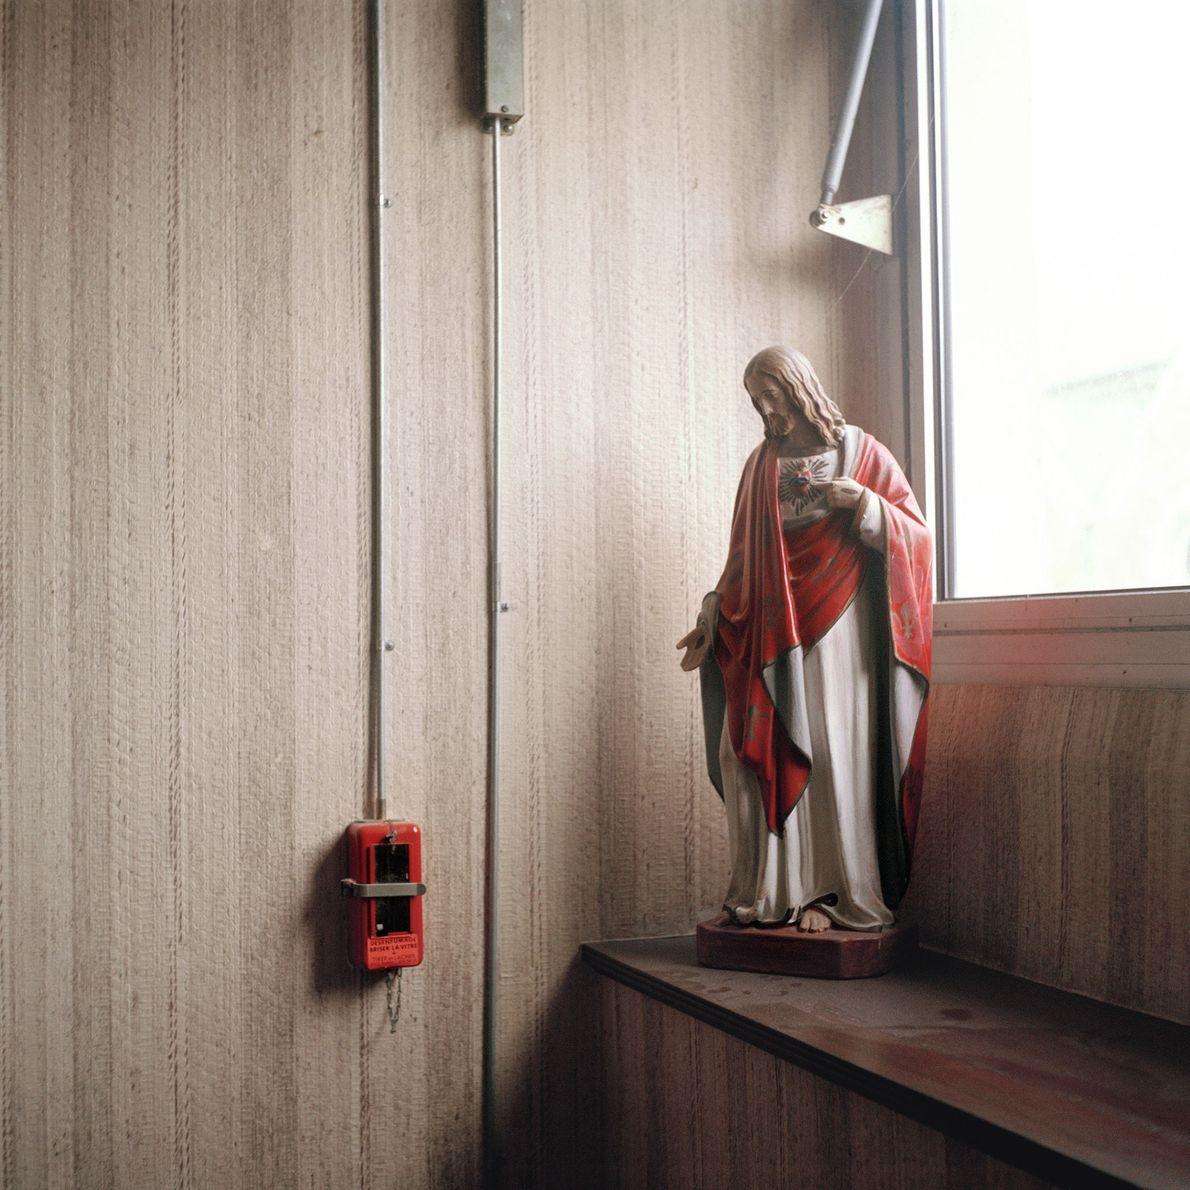 Une statuette de Jésus posée près d'une fenêtre dans la cage d'escalier du département.